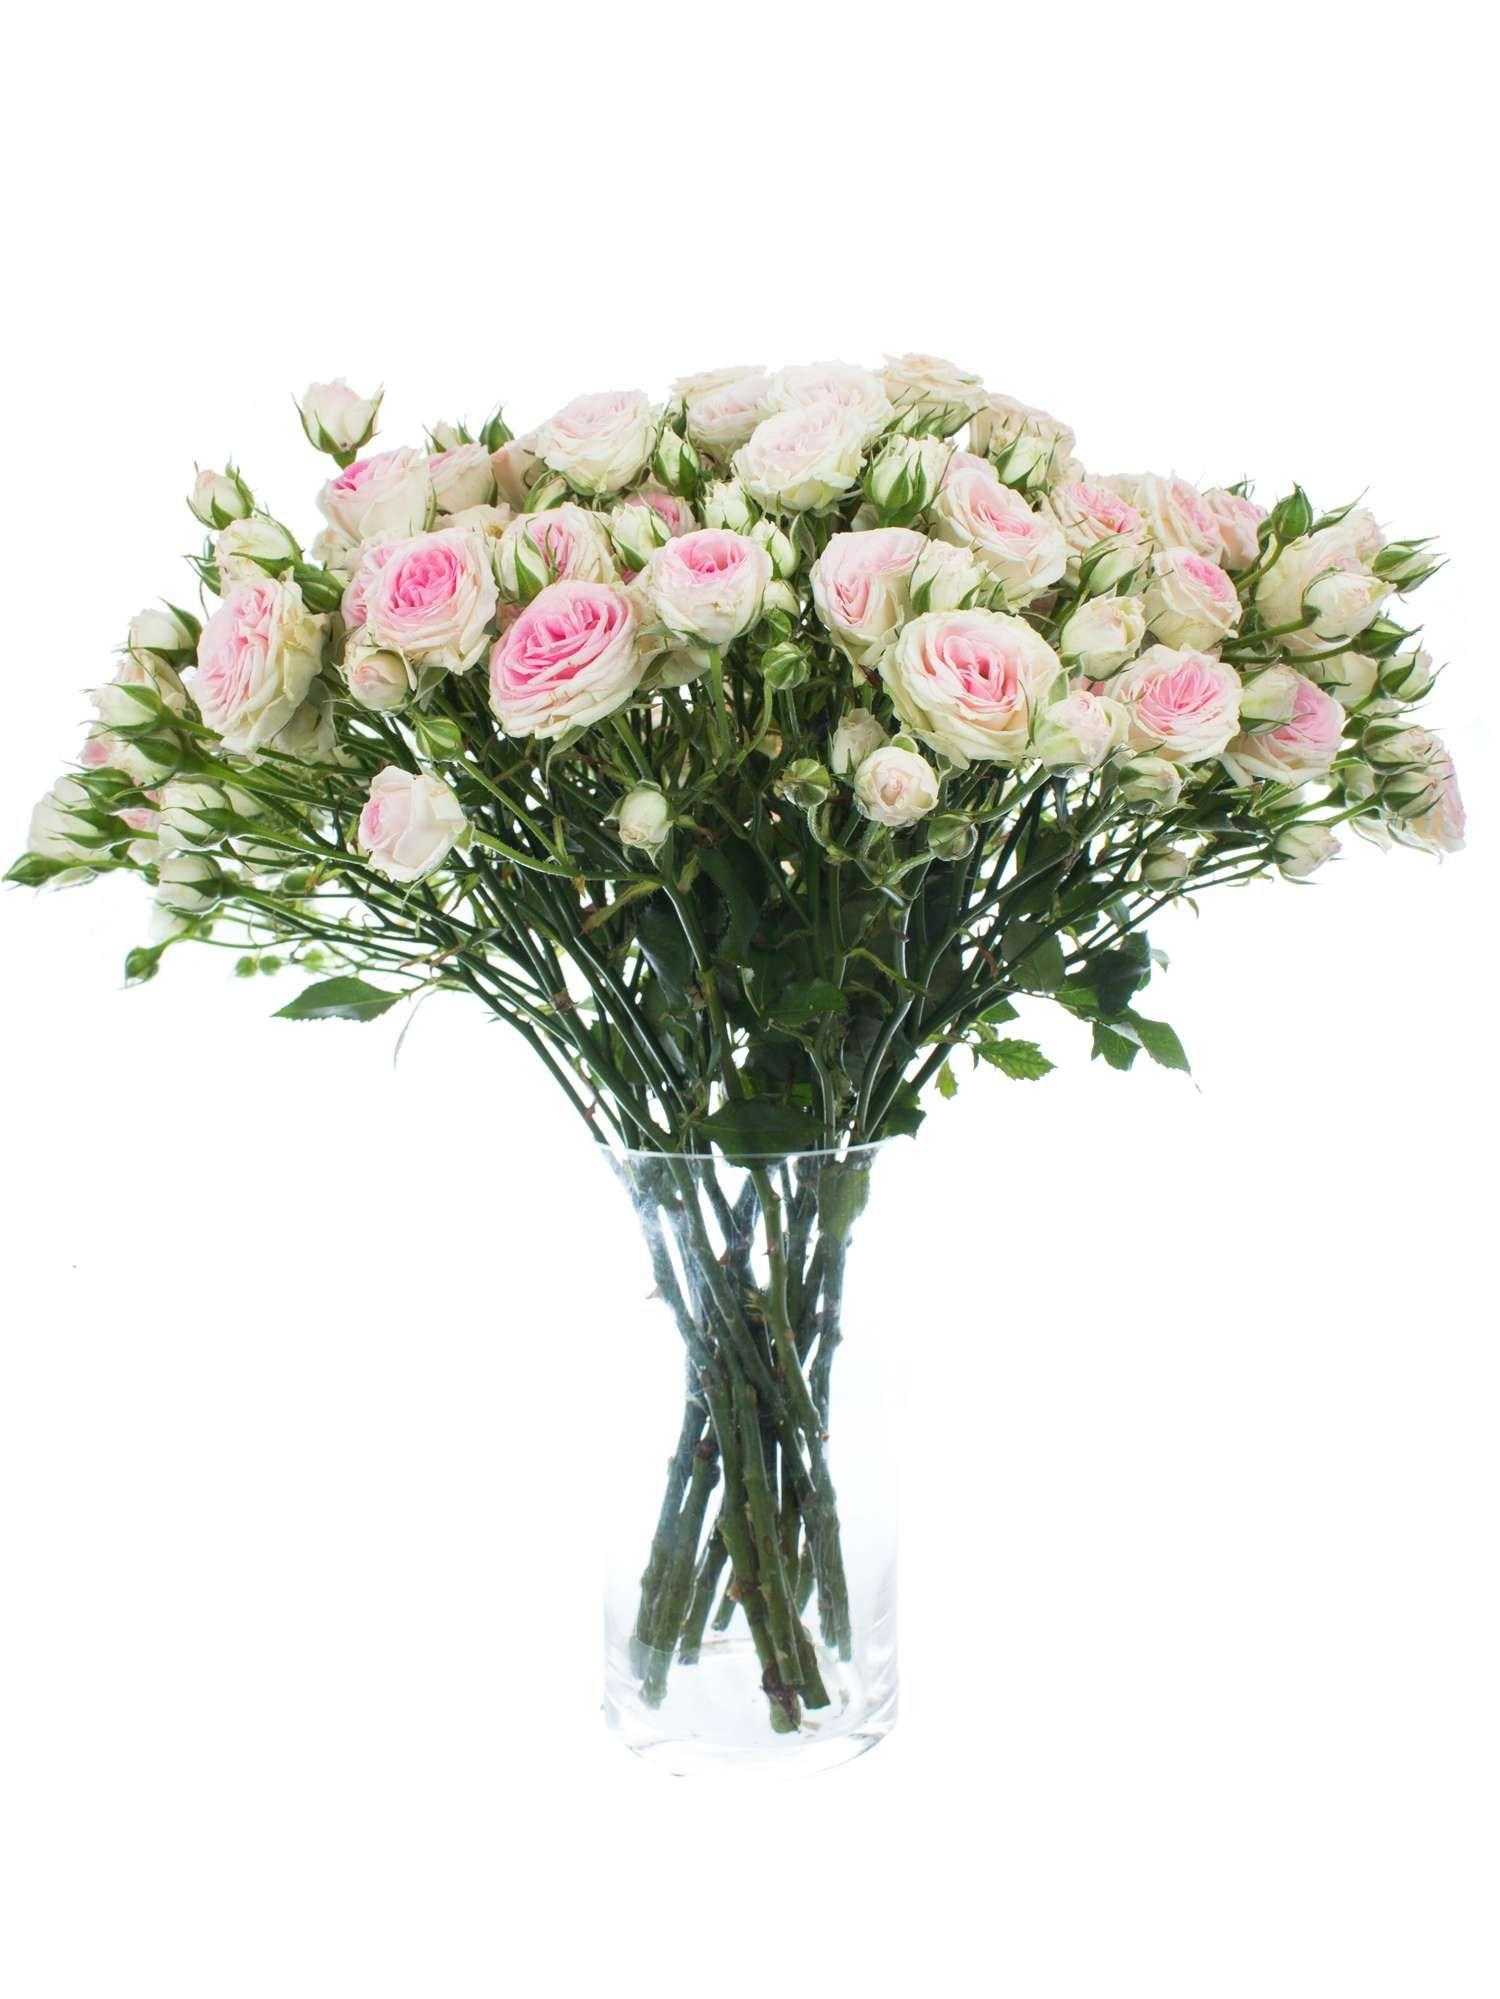 rosen verzweigt mimi eden rosa wei rosensorten pinterest eine rose farbverlauf und. Black Bedroom Furniture Sets. Home Design Ideas